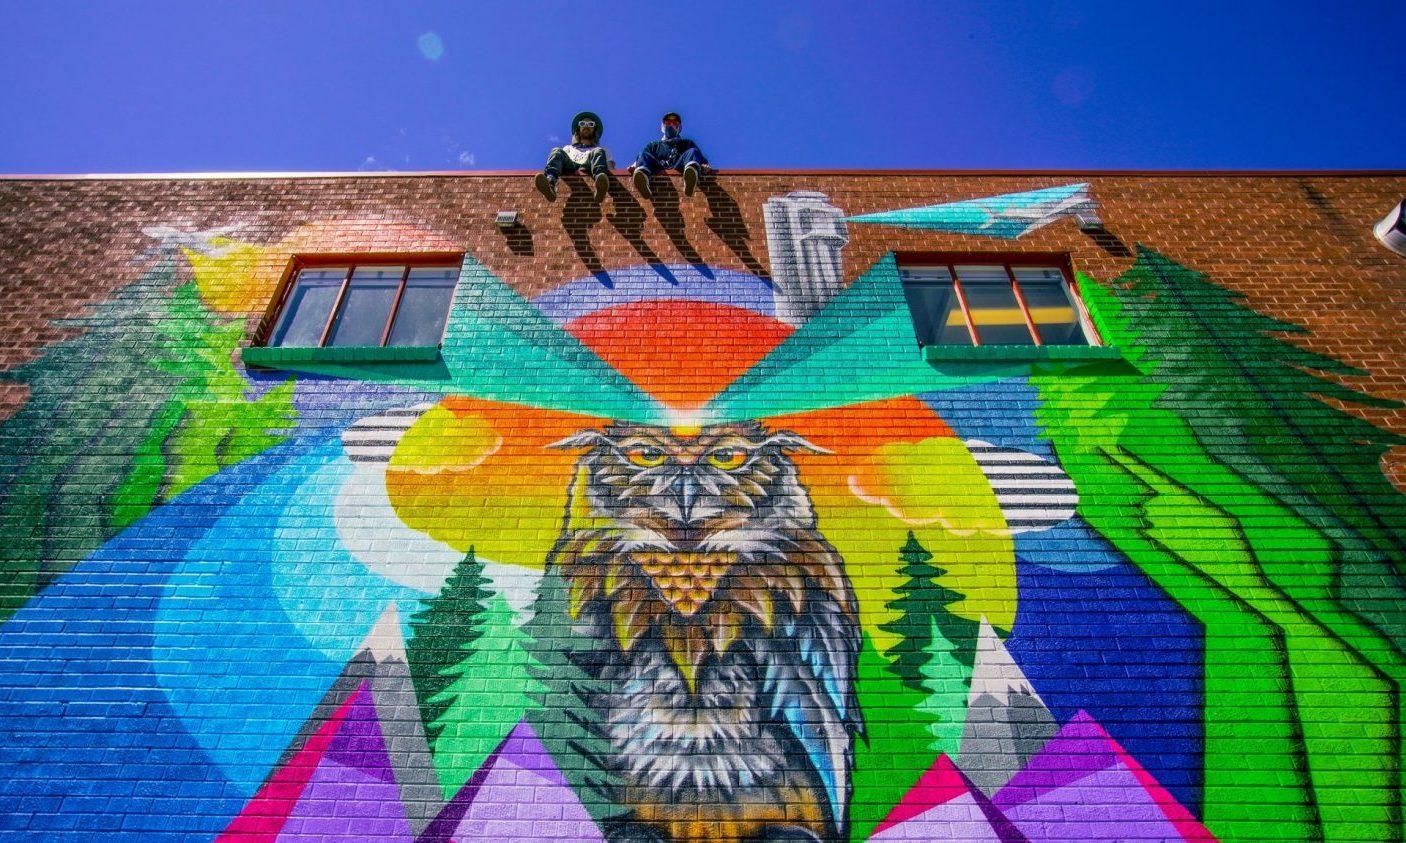 Mural by Pat Milbery